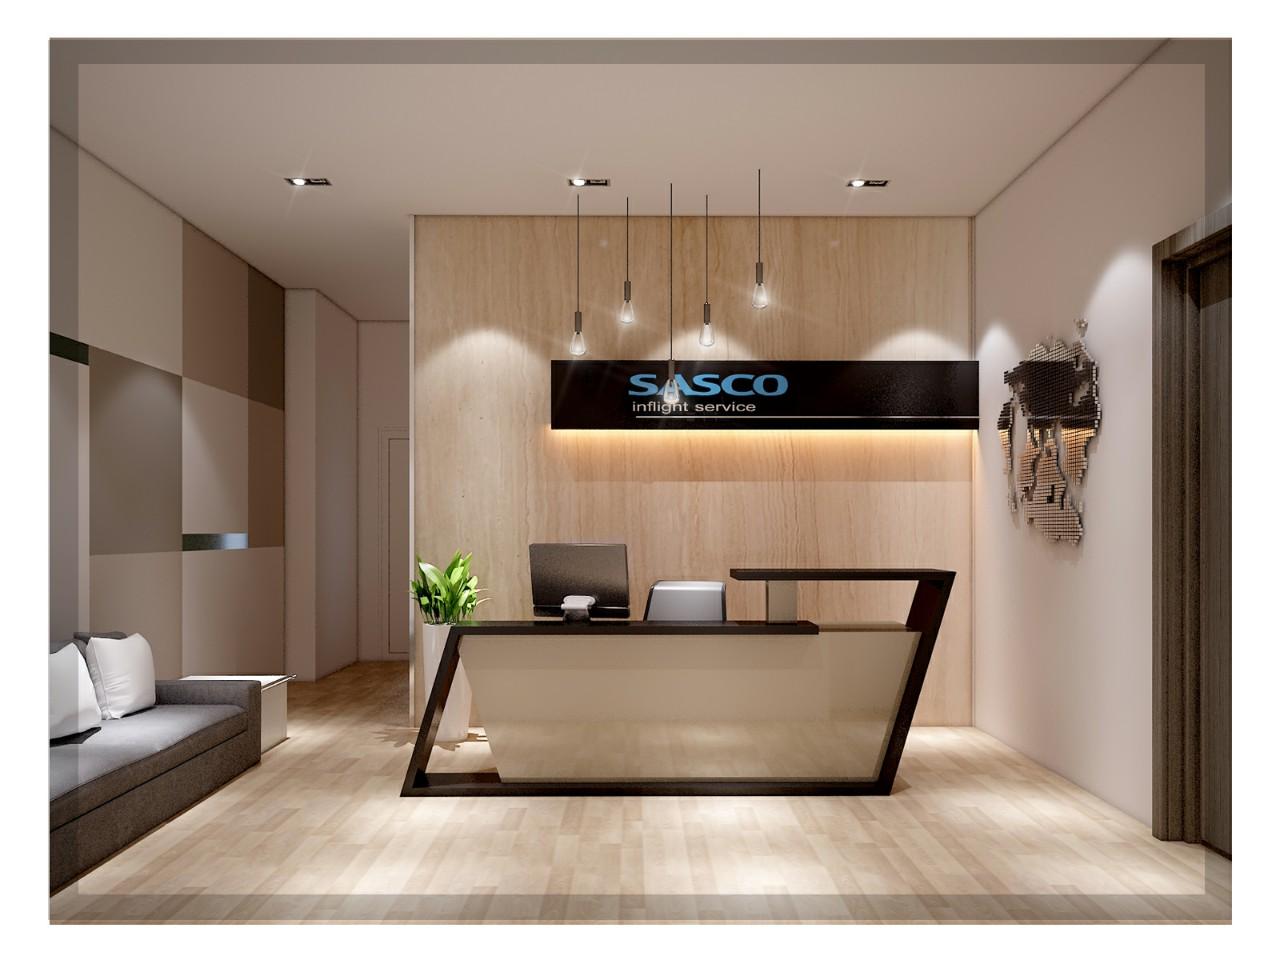 HaloCons thiết kế và thi công hoàn thiện nội thất văn phòng Sasco sân bay